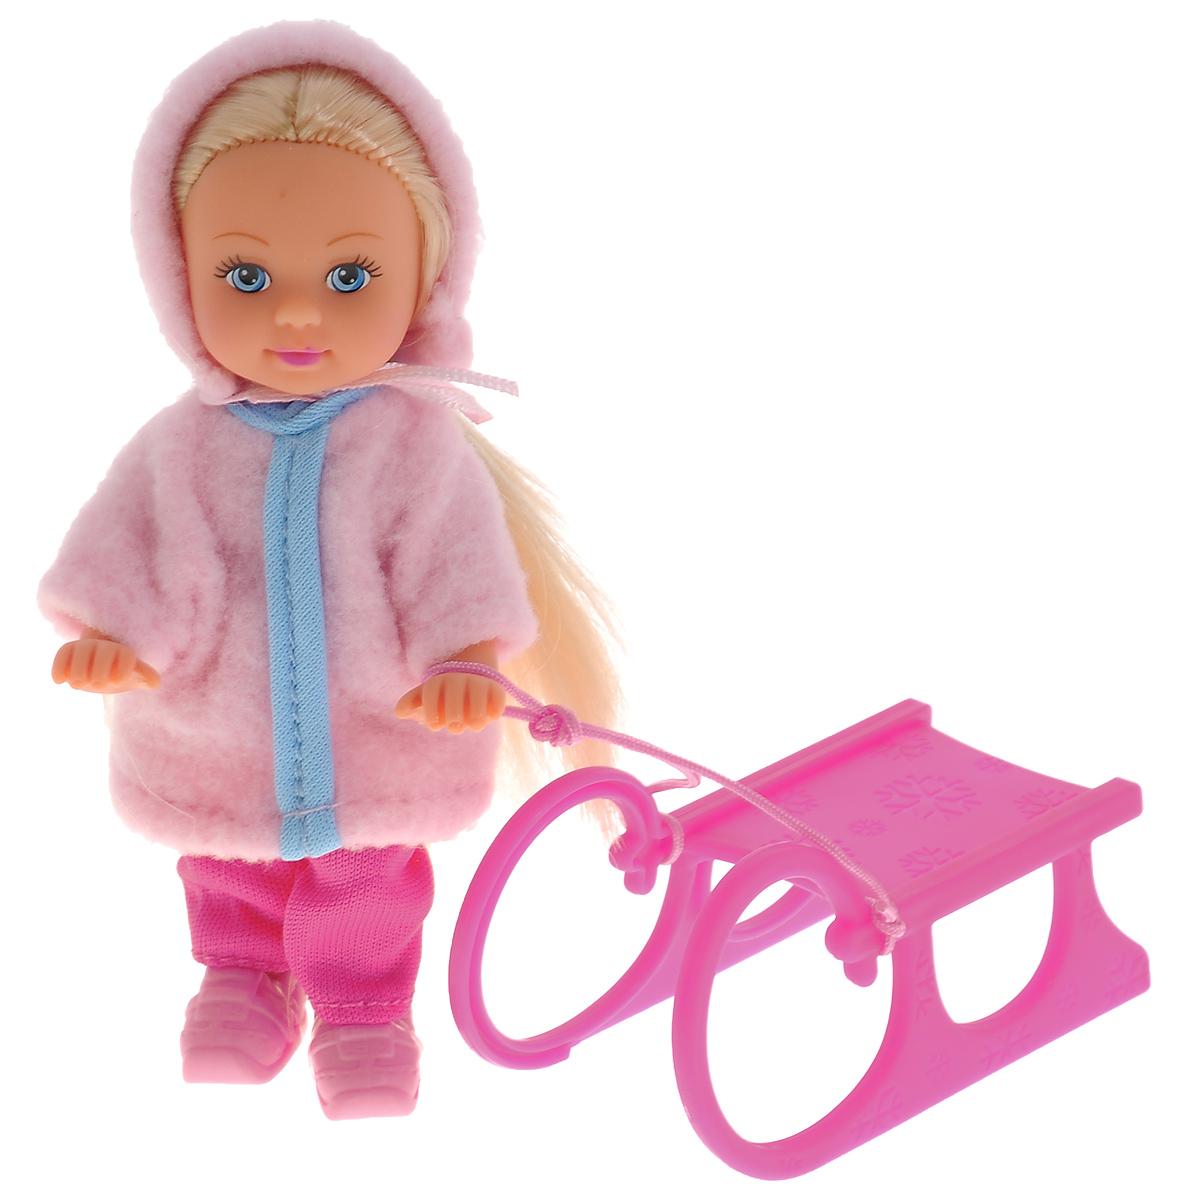 Simba Мини-кукла Еви на санях5735866Кукла Simba Еви на санях порадует любую девочку и надолго увлечет ее. В комплект входит кукла Еви и зимние сани. Малышка Еви обожает подвижные зимние игры. Кукла одета в теплую шубку из мягкого текстильного материала и розовые брюки, на ногах у нее - зимние ботинки. Сани выполнены из прочного пластика и оснащены шнурком, за который куколка может держаться. Вашей дочурке непременно понравится заплетать длинные белокурые волосы куклы, придумывая разнообразные прически. Руки, ноги и голова куклы подвижны, благодаря чему ей можно придавать разнообразные позы. Игры с куклой способствуют эмоциональному развитию, помогают формировать воображение и художественный вкус, а также разовьют в вашей малышке чувство ответственности и заботы. Великолепное качество исполнения делают эту куколку чудесным подарком к любому празднику.